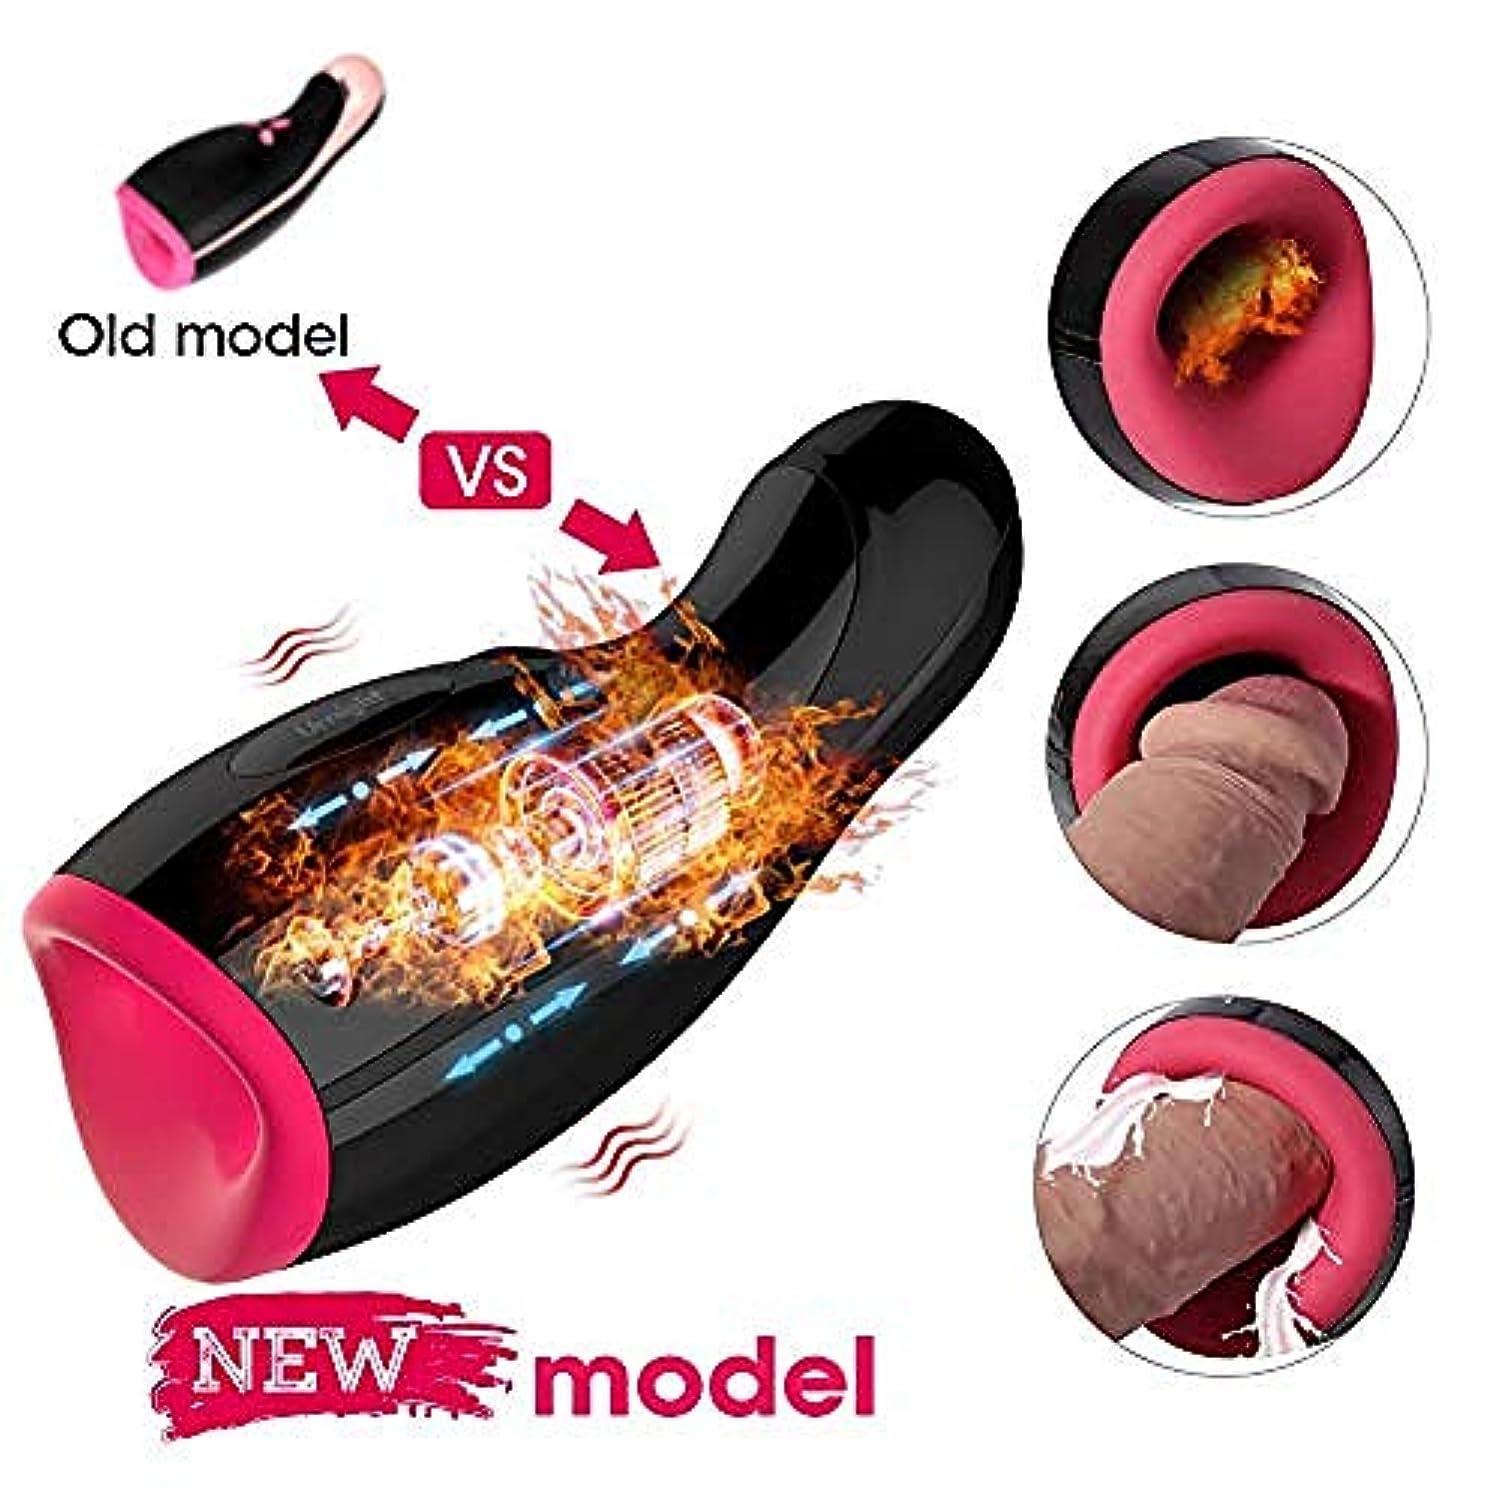 潤滑するなくなる小石7つの振動モードと自動加熱エロ玩具を備えた電動オナニーカップパルス機能を備えた男性口腔フェラチオオナニー